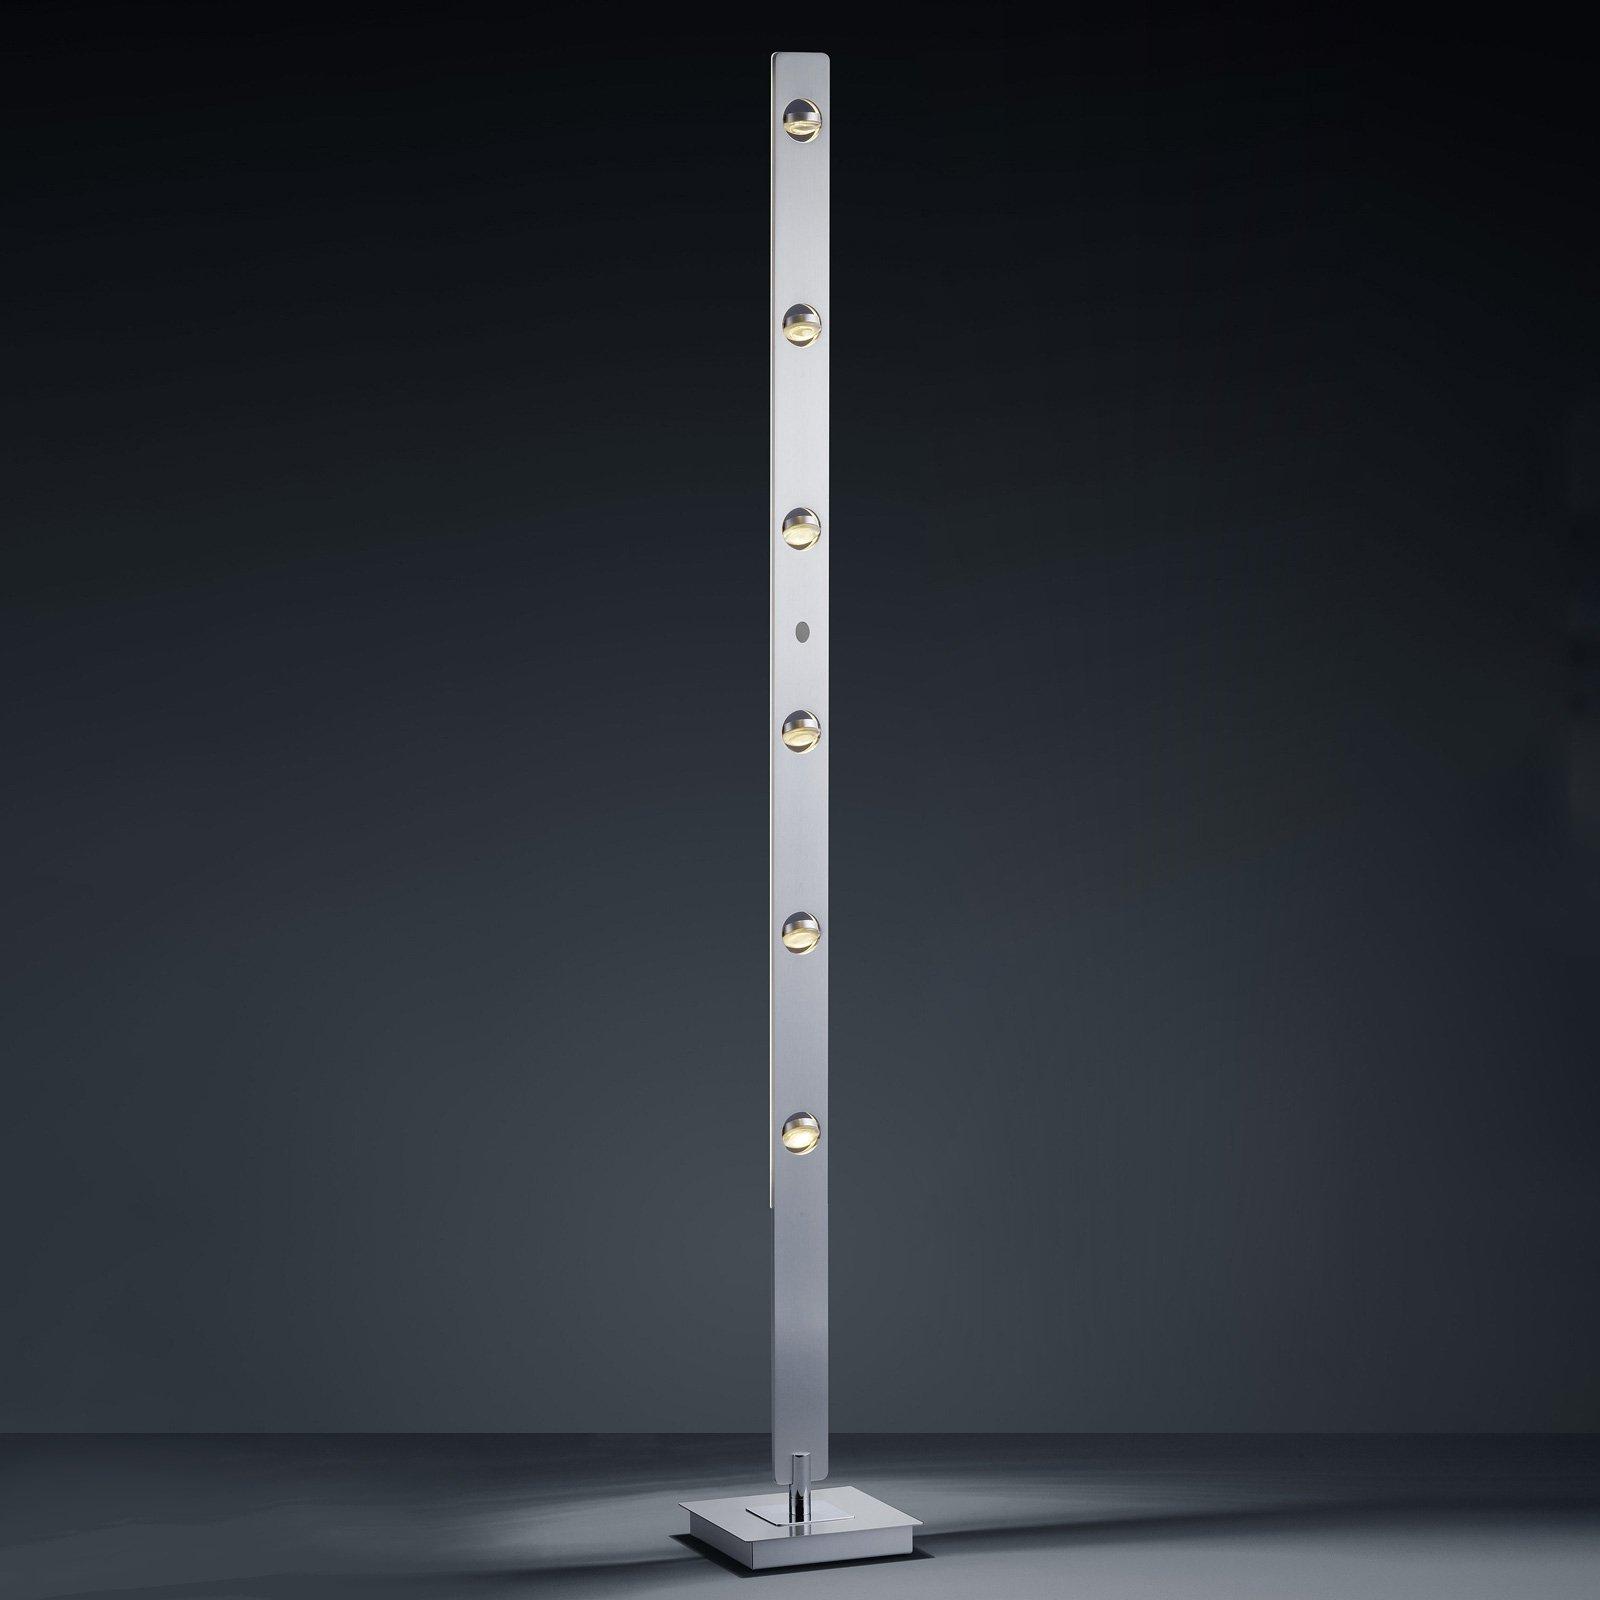 BANKAMP Caro LED-gulvlampe med bevegelsesstyring